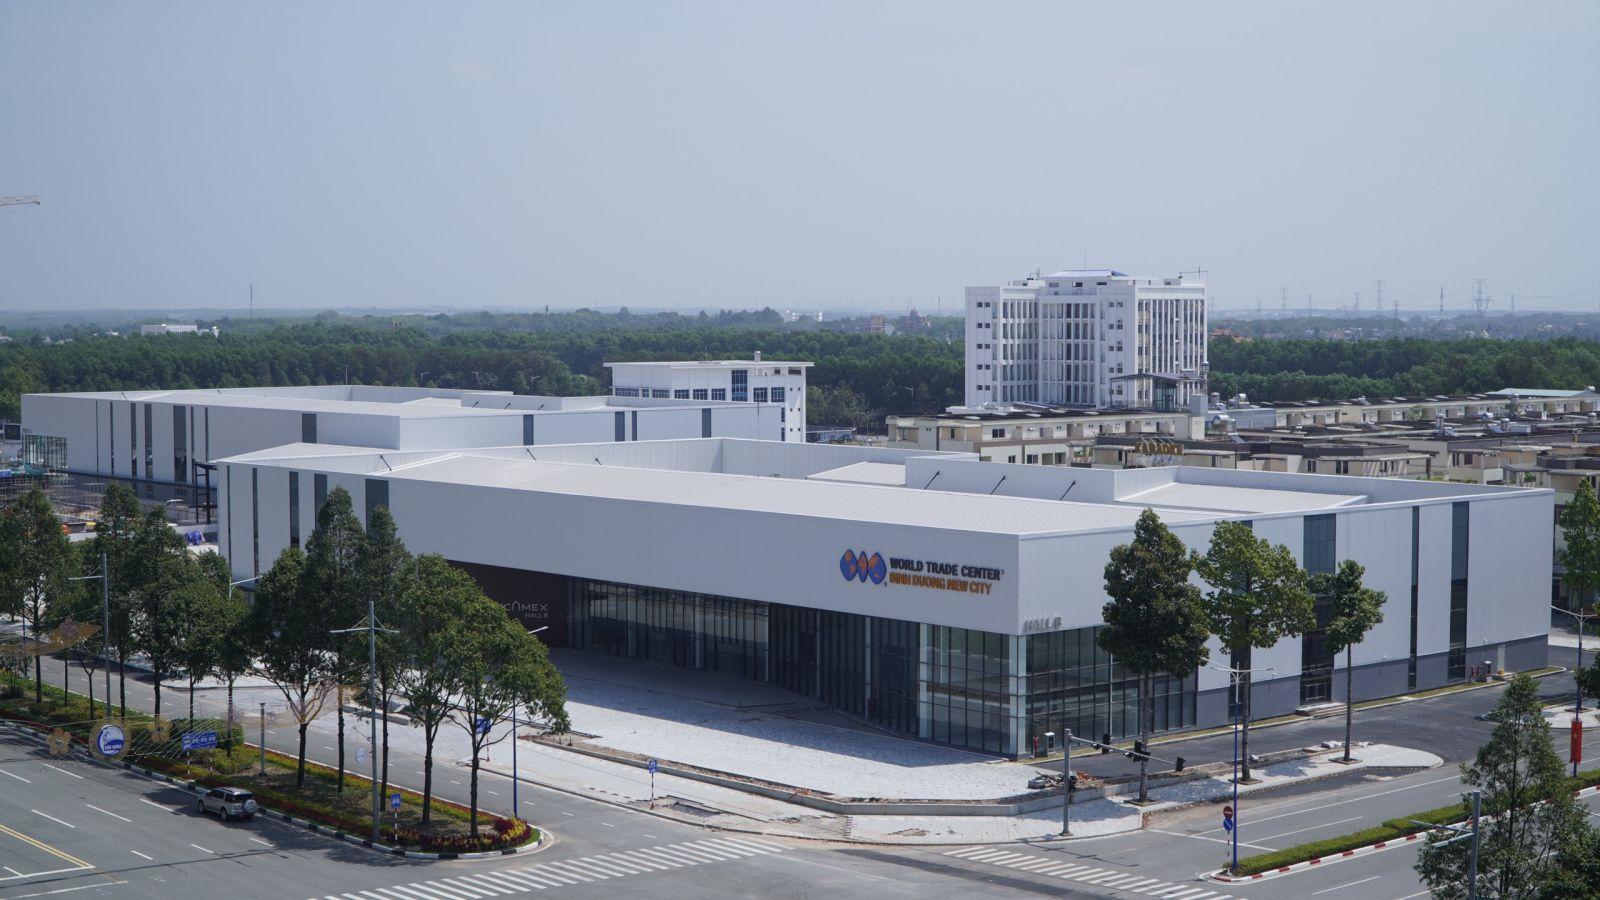 Trung tâm triễn lãm WTC Expo đã hoàn thiện, chuẩn bị đưa vào sử dụng.